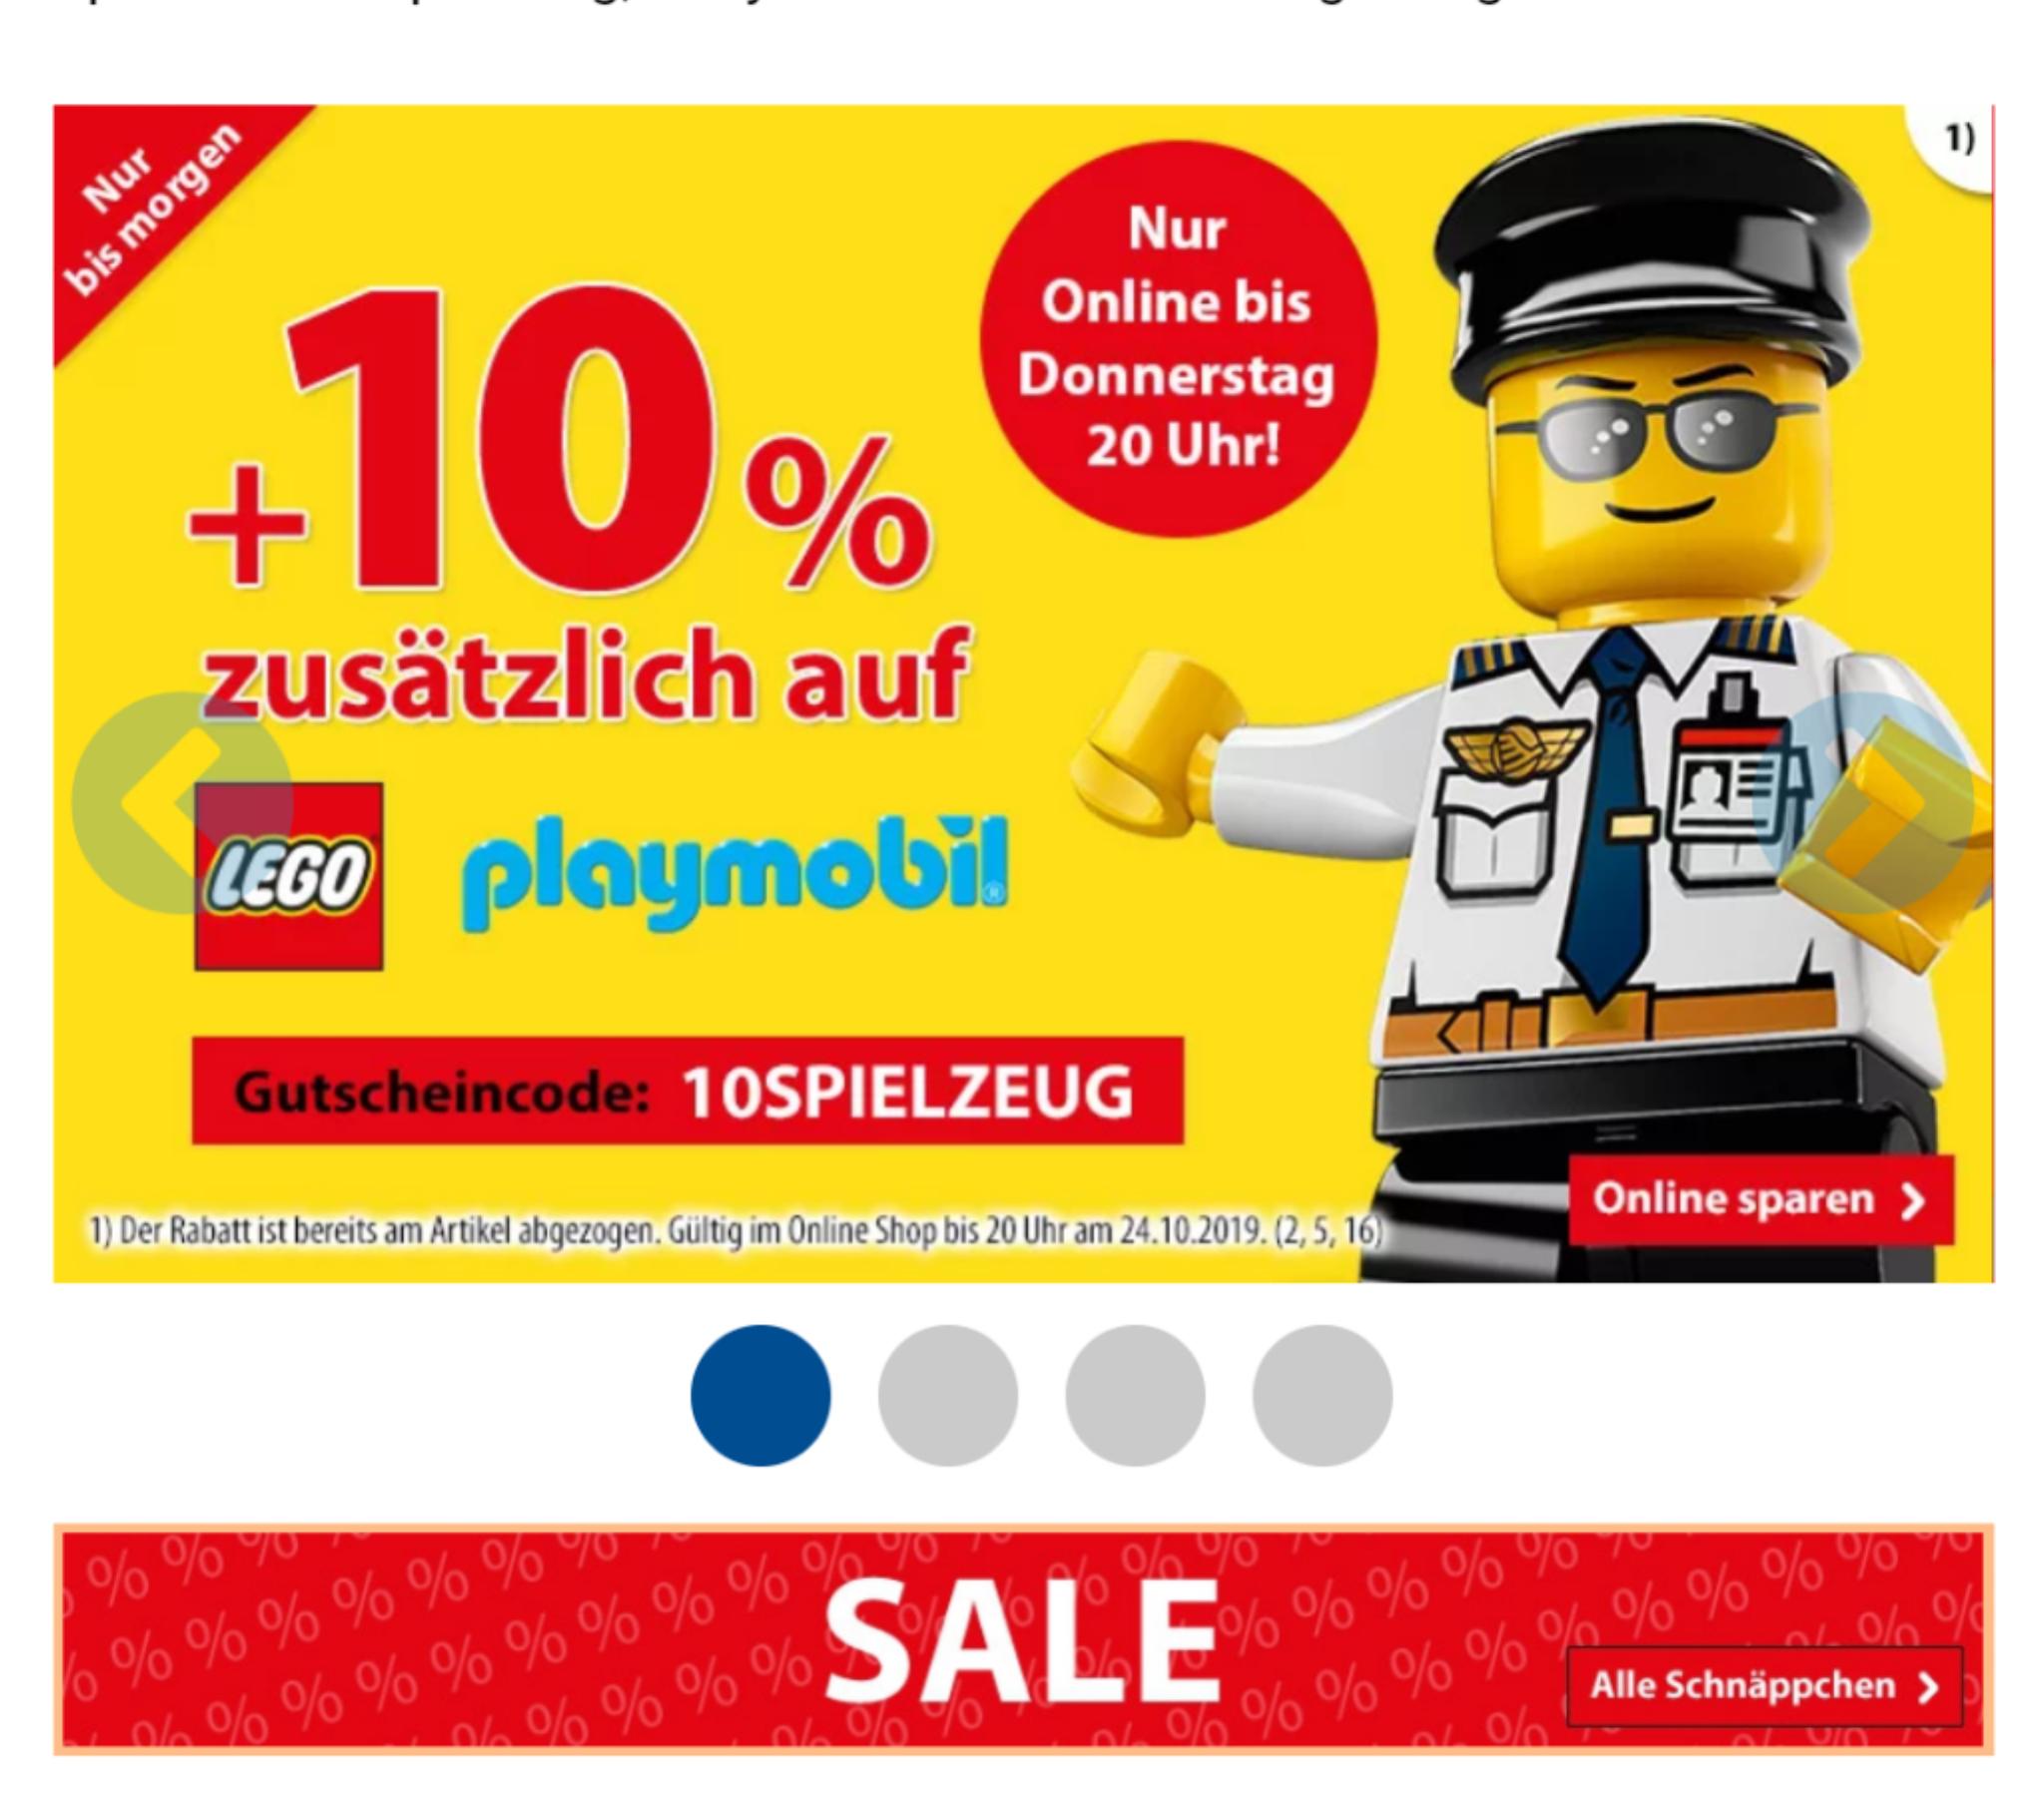 (Gutscheinfehler?) 19% Rabatt auf LEGO & Playmobil bei SpieleMax